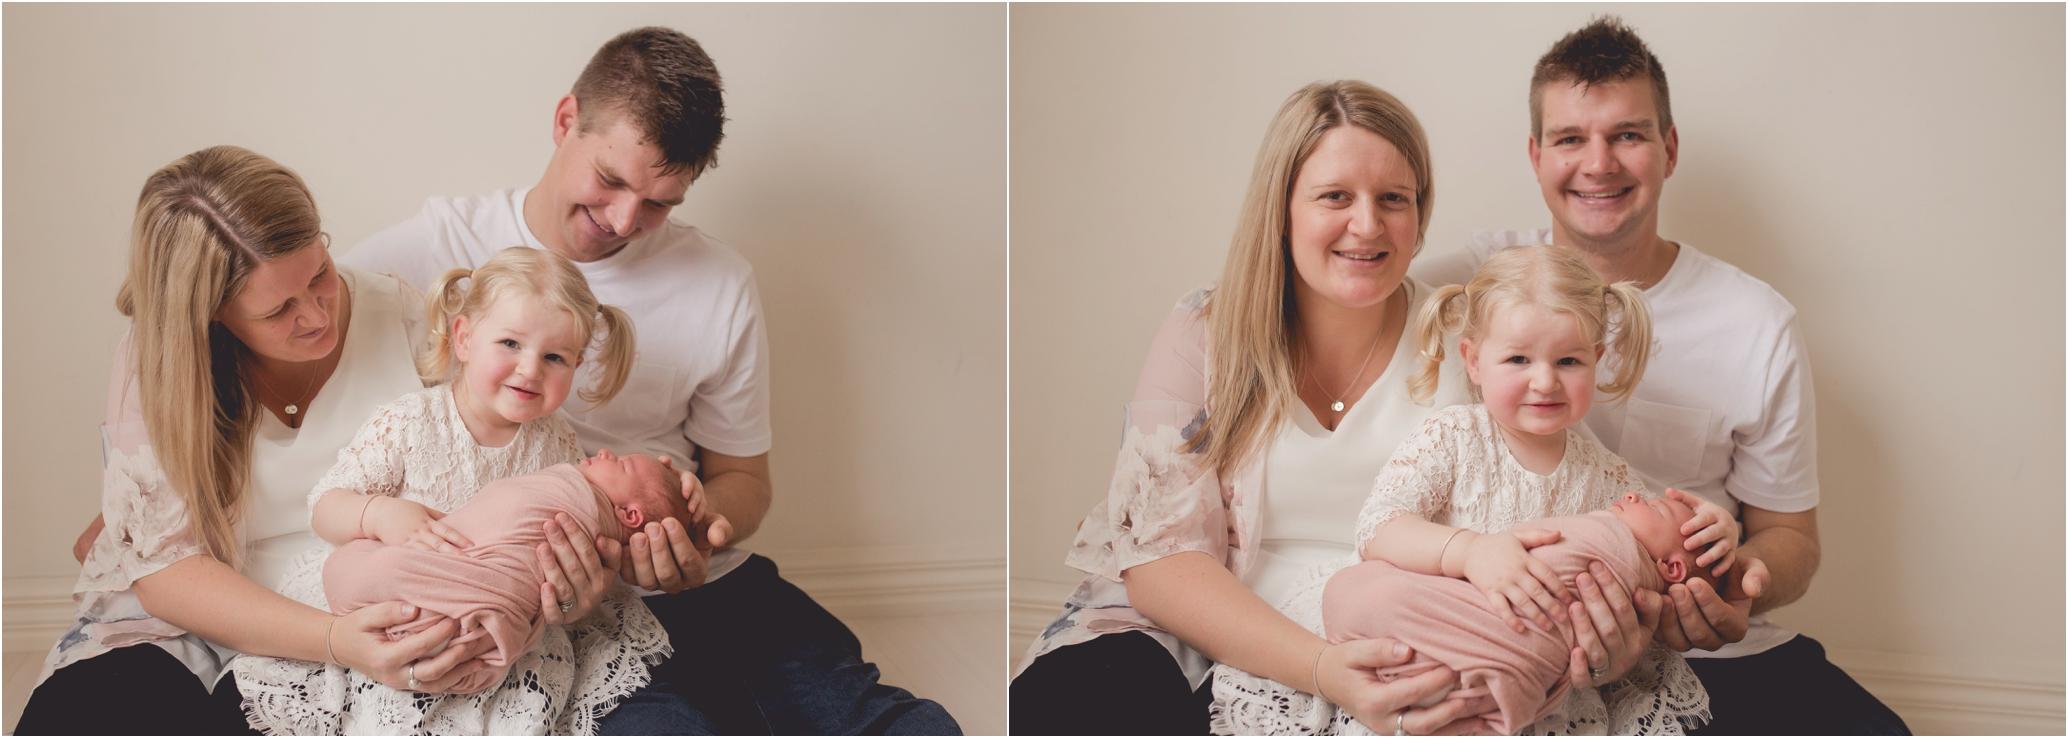 Newborn Photos Geelong_1349.jpg